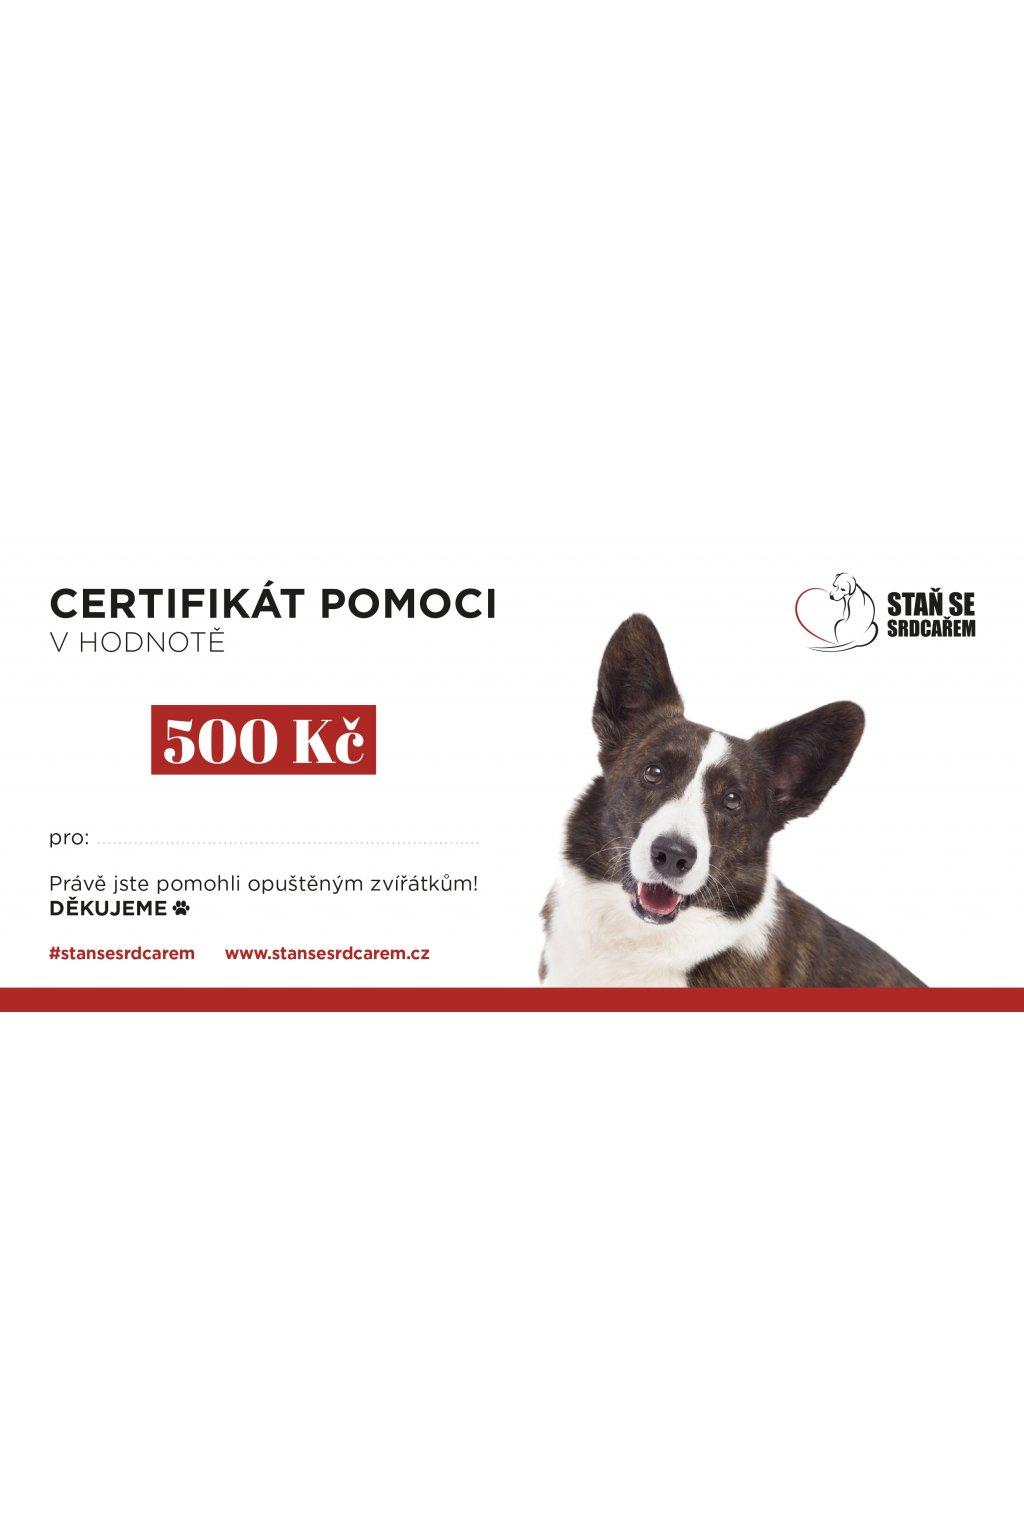 certifikát pomoci 500Kč